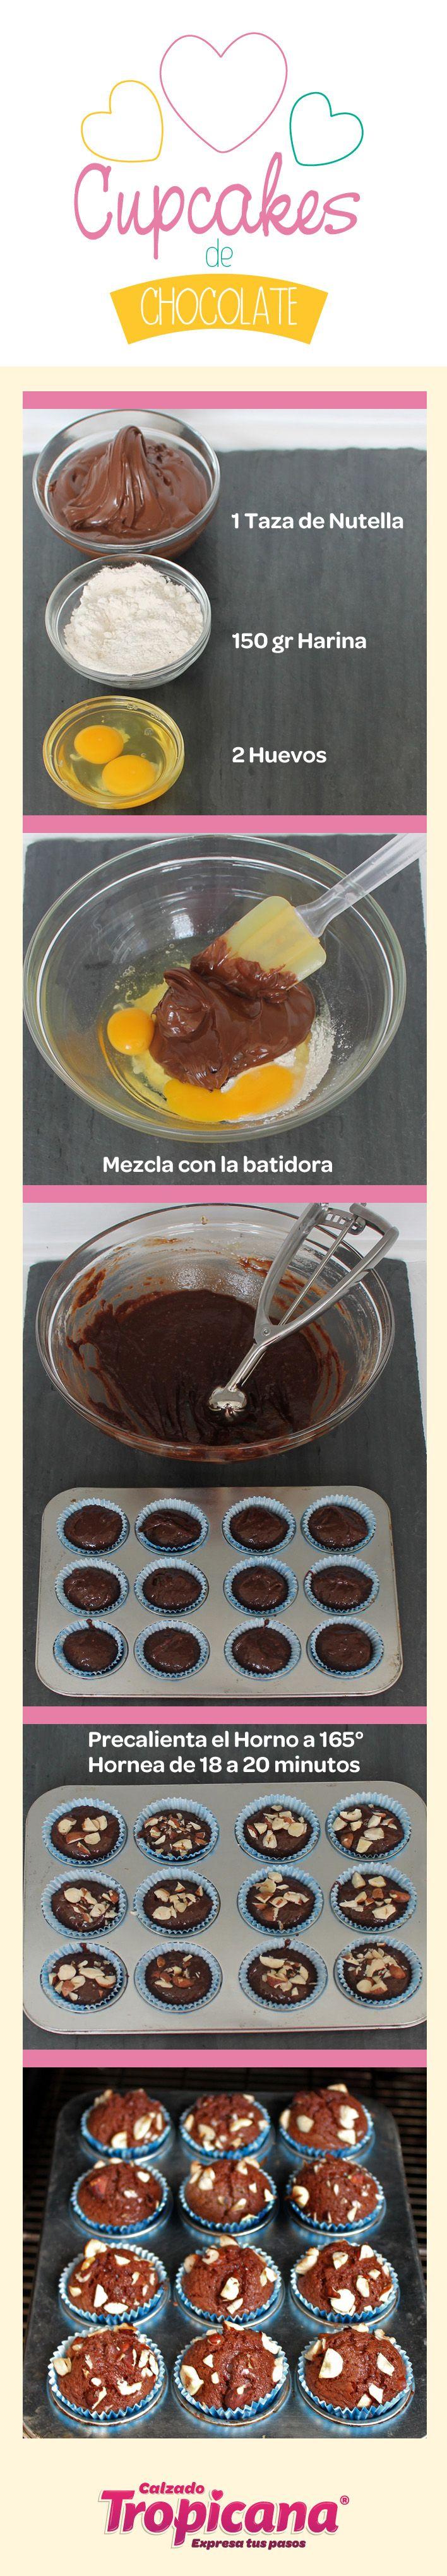 Prepara a tu familia unos deliciosos #Cupcakes de Nutella. ¡Fácil y rápido! #TropiCocina